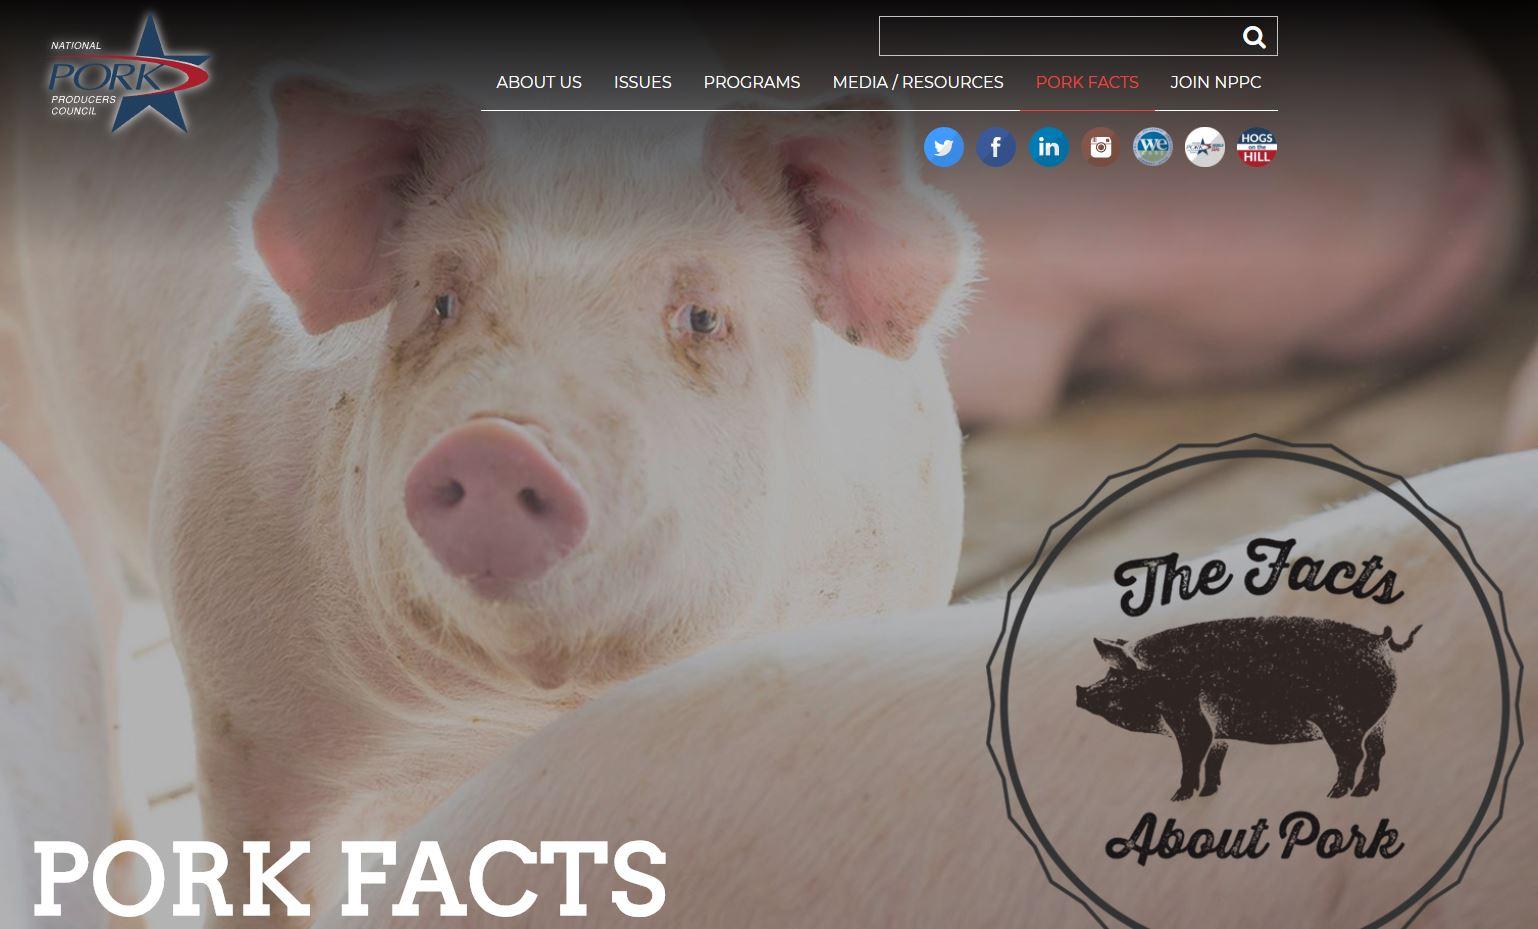 Ameriški proizvajalci svinjine - spletna stran